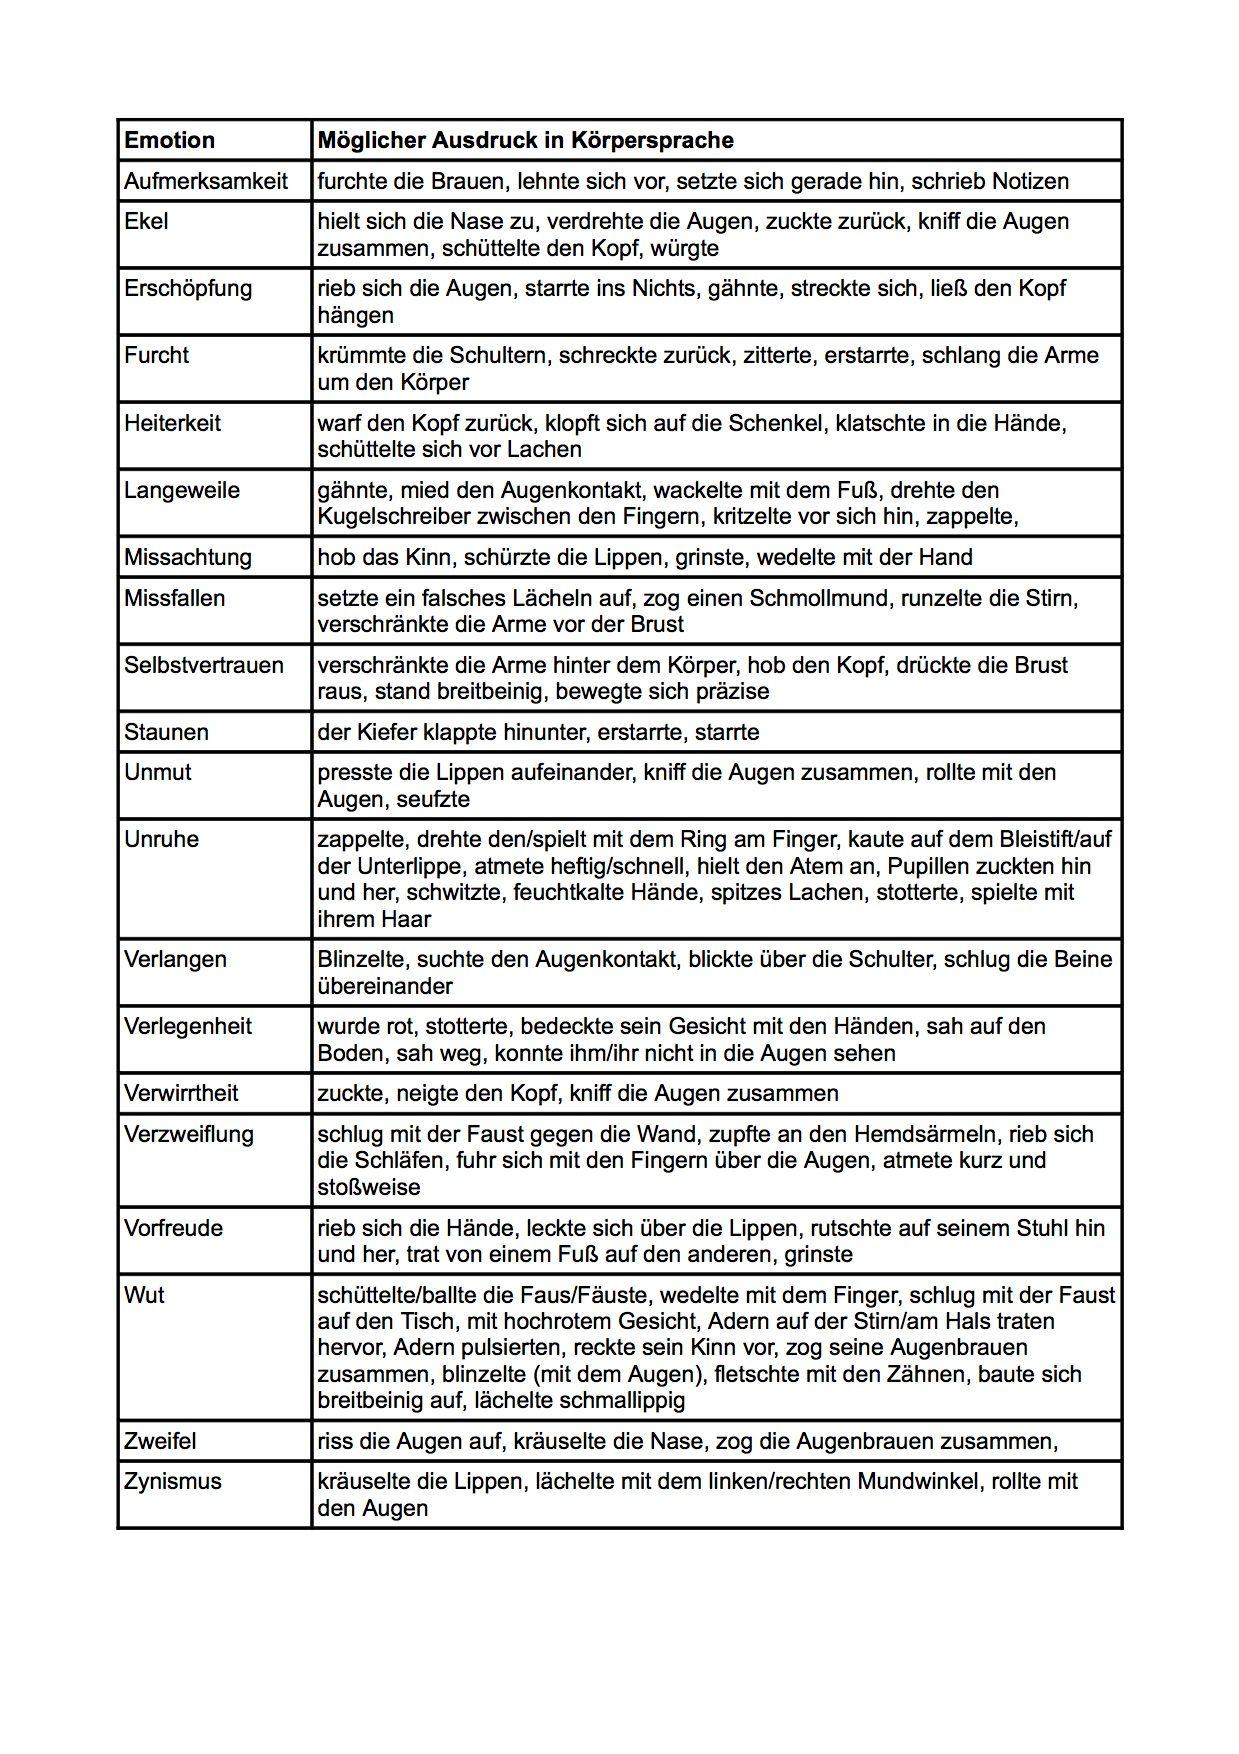 Emotionen in Körpersprache übersetzen – eine praktische Tabelle zum ...